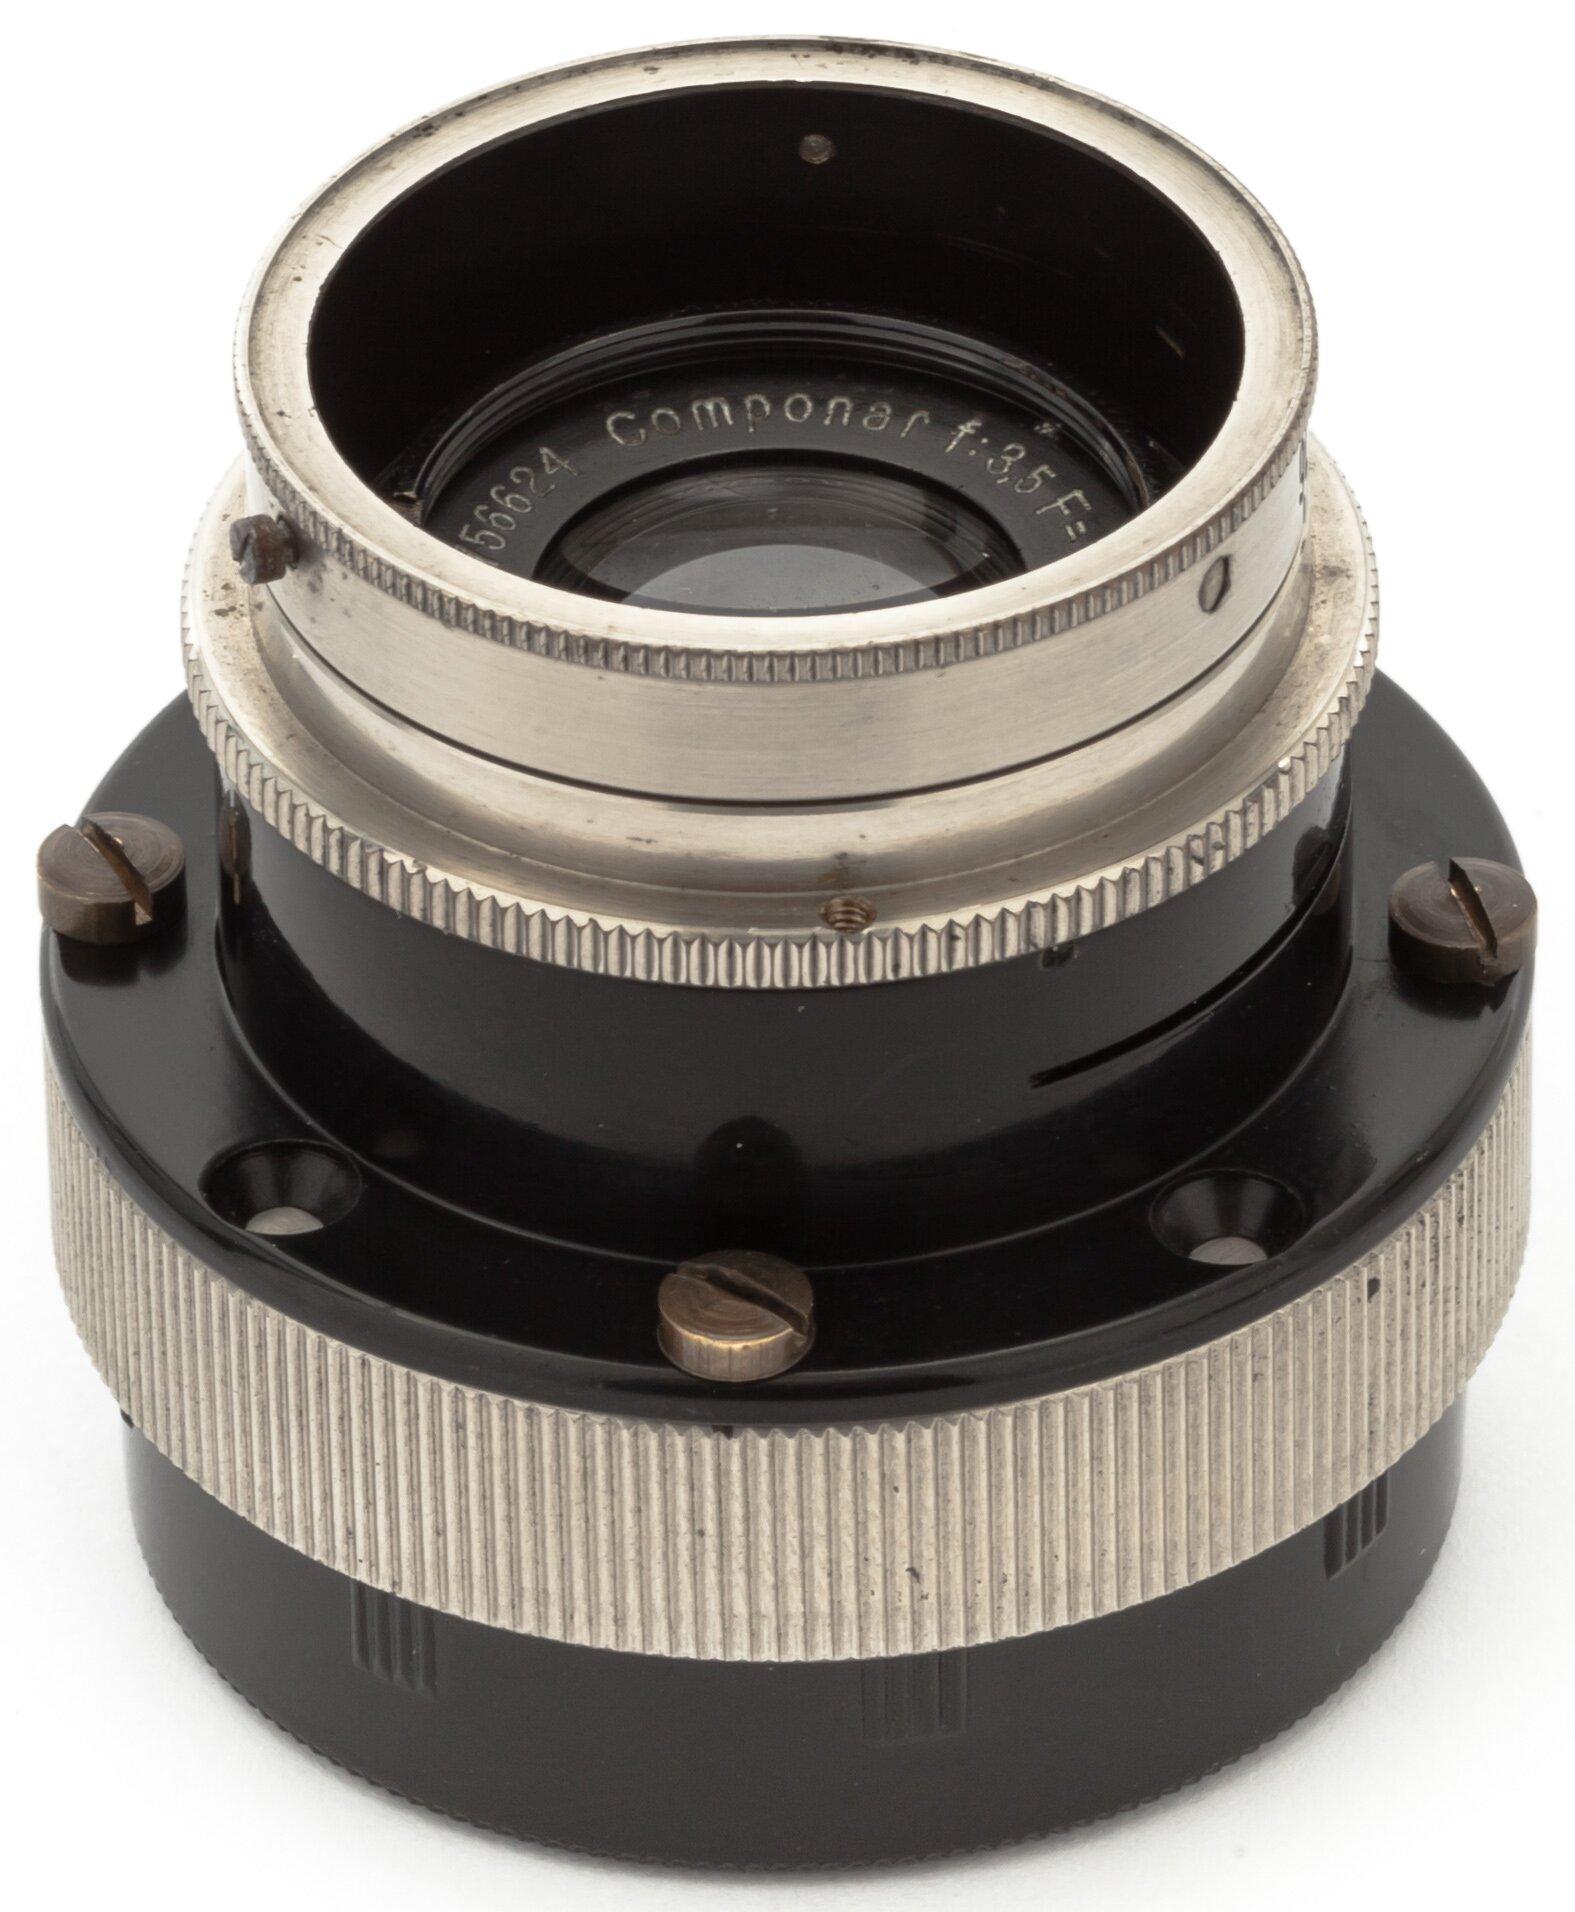 Schneider M39 5cm 3,5 Componar